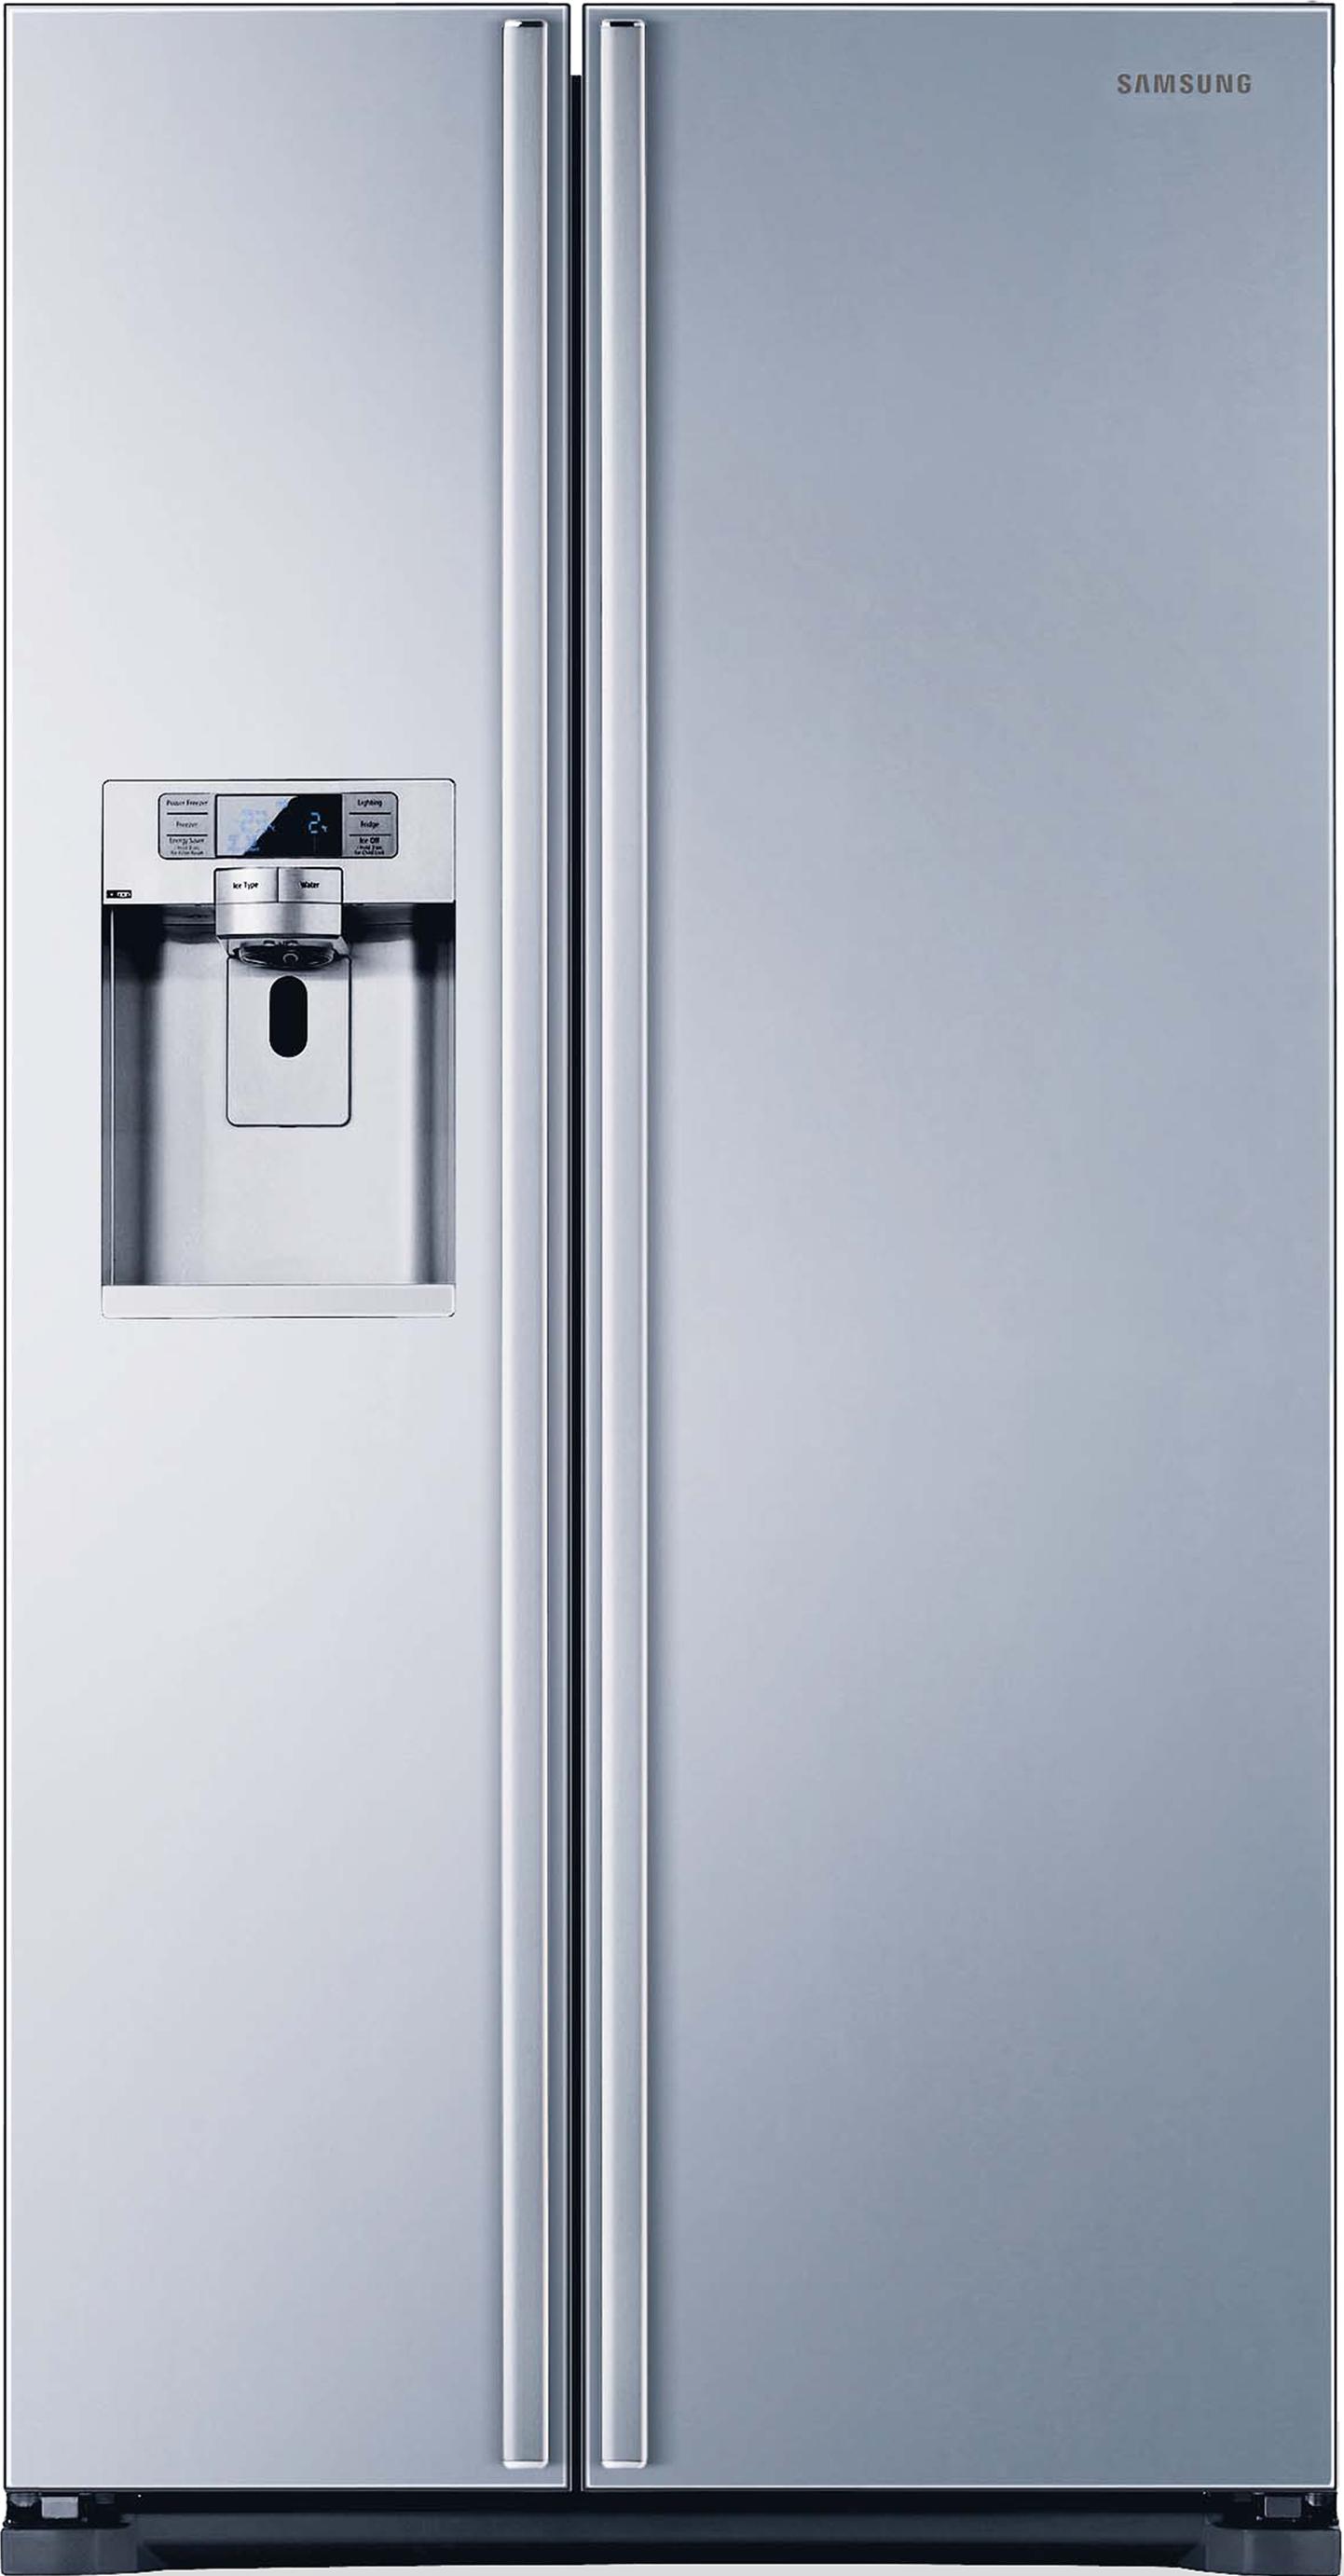 Samsung RS61681GDSR side-by-side koelkast